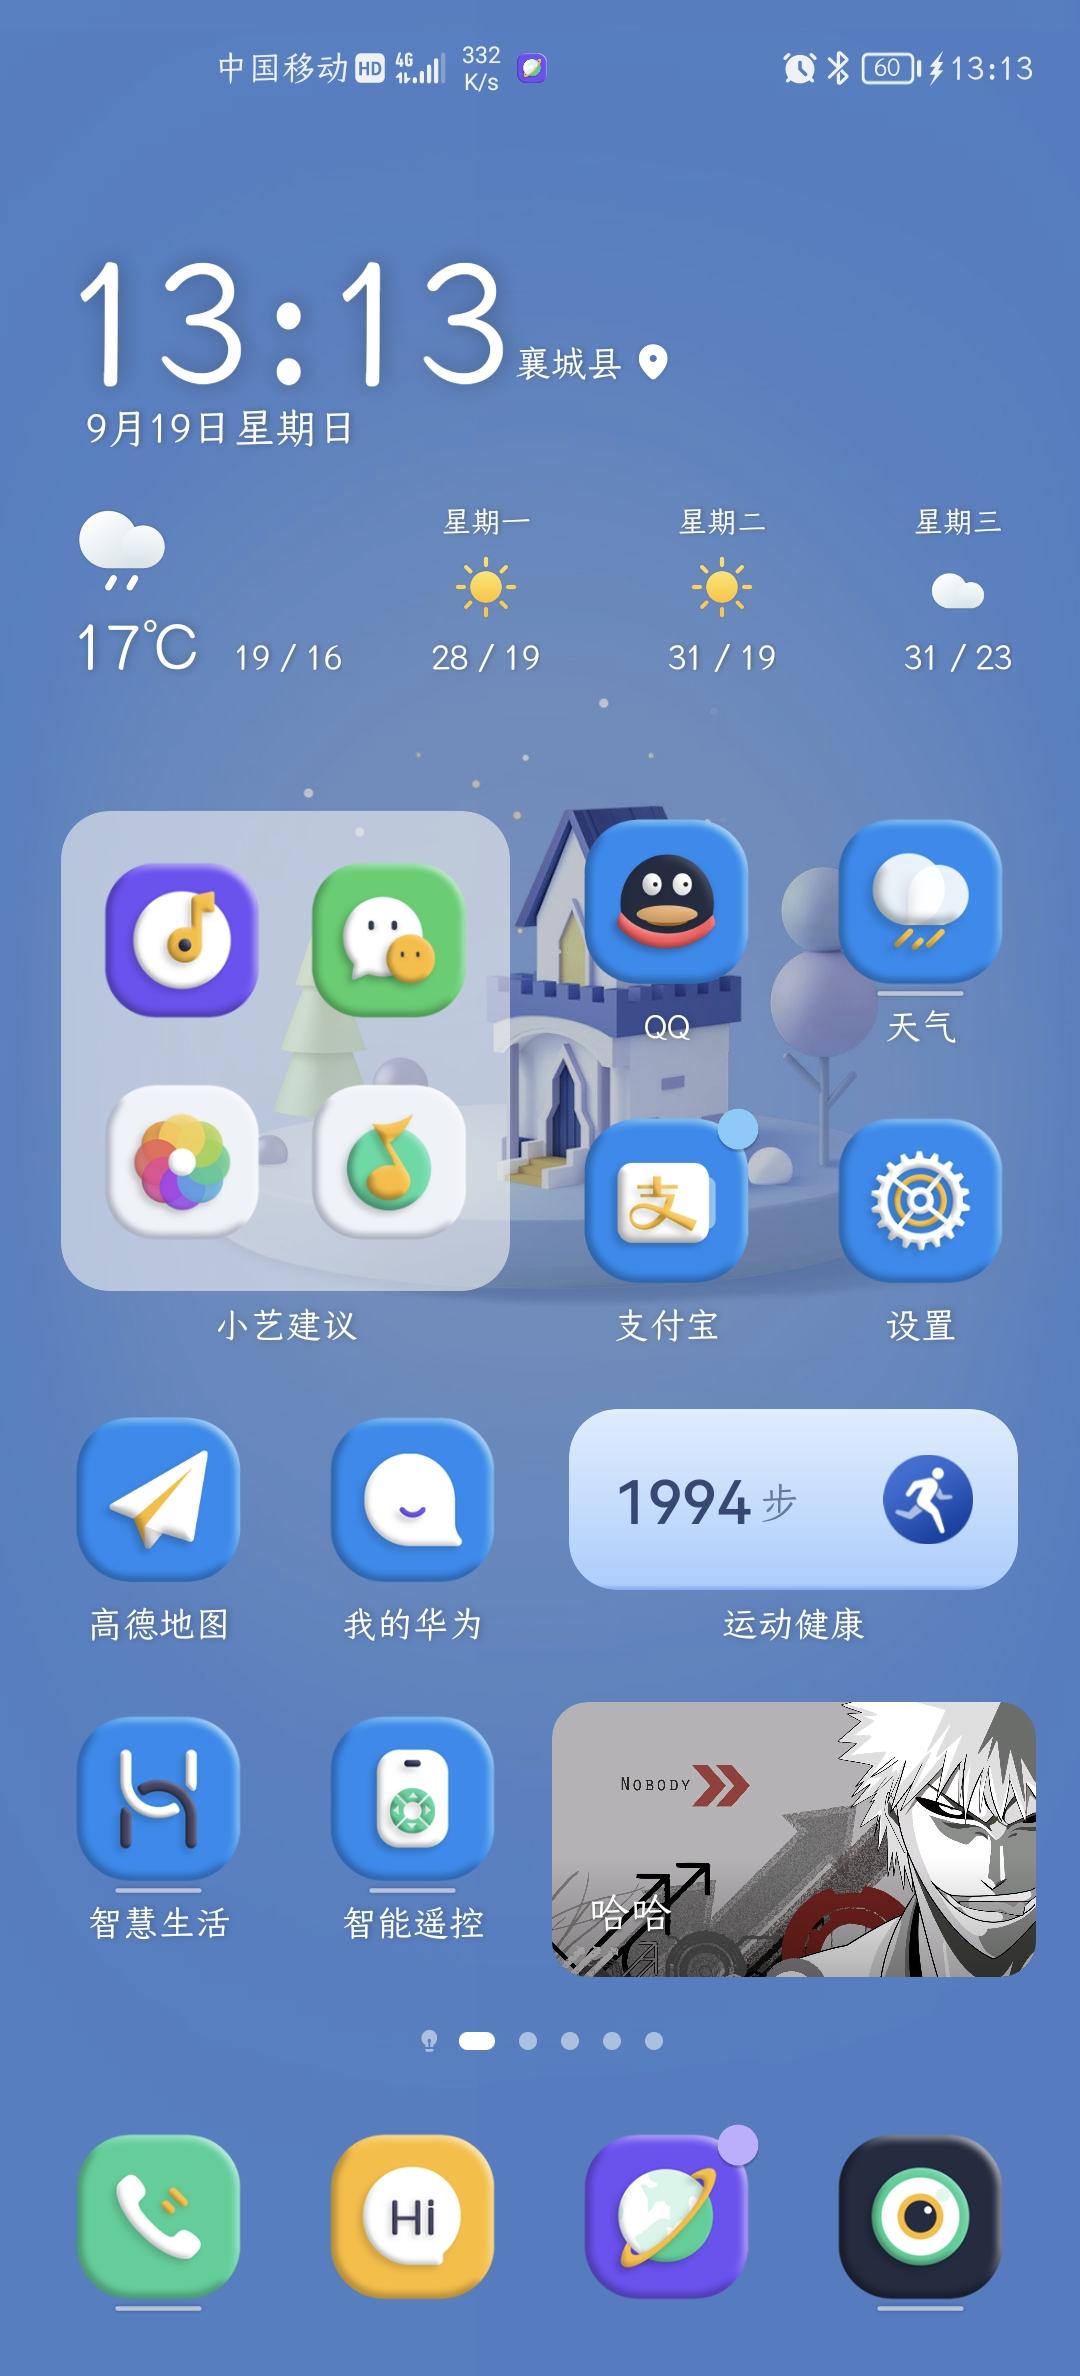 Screenshot_20210919_131310_com.huawei.android.launcher.jpg